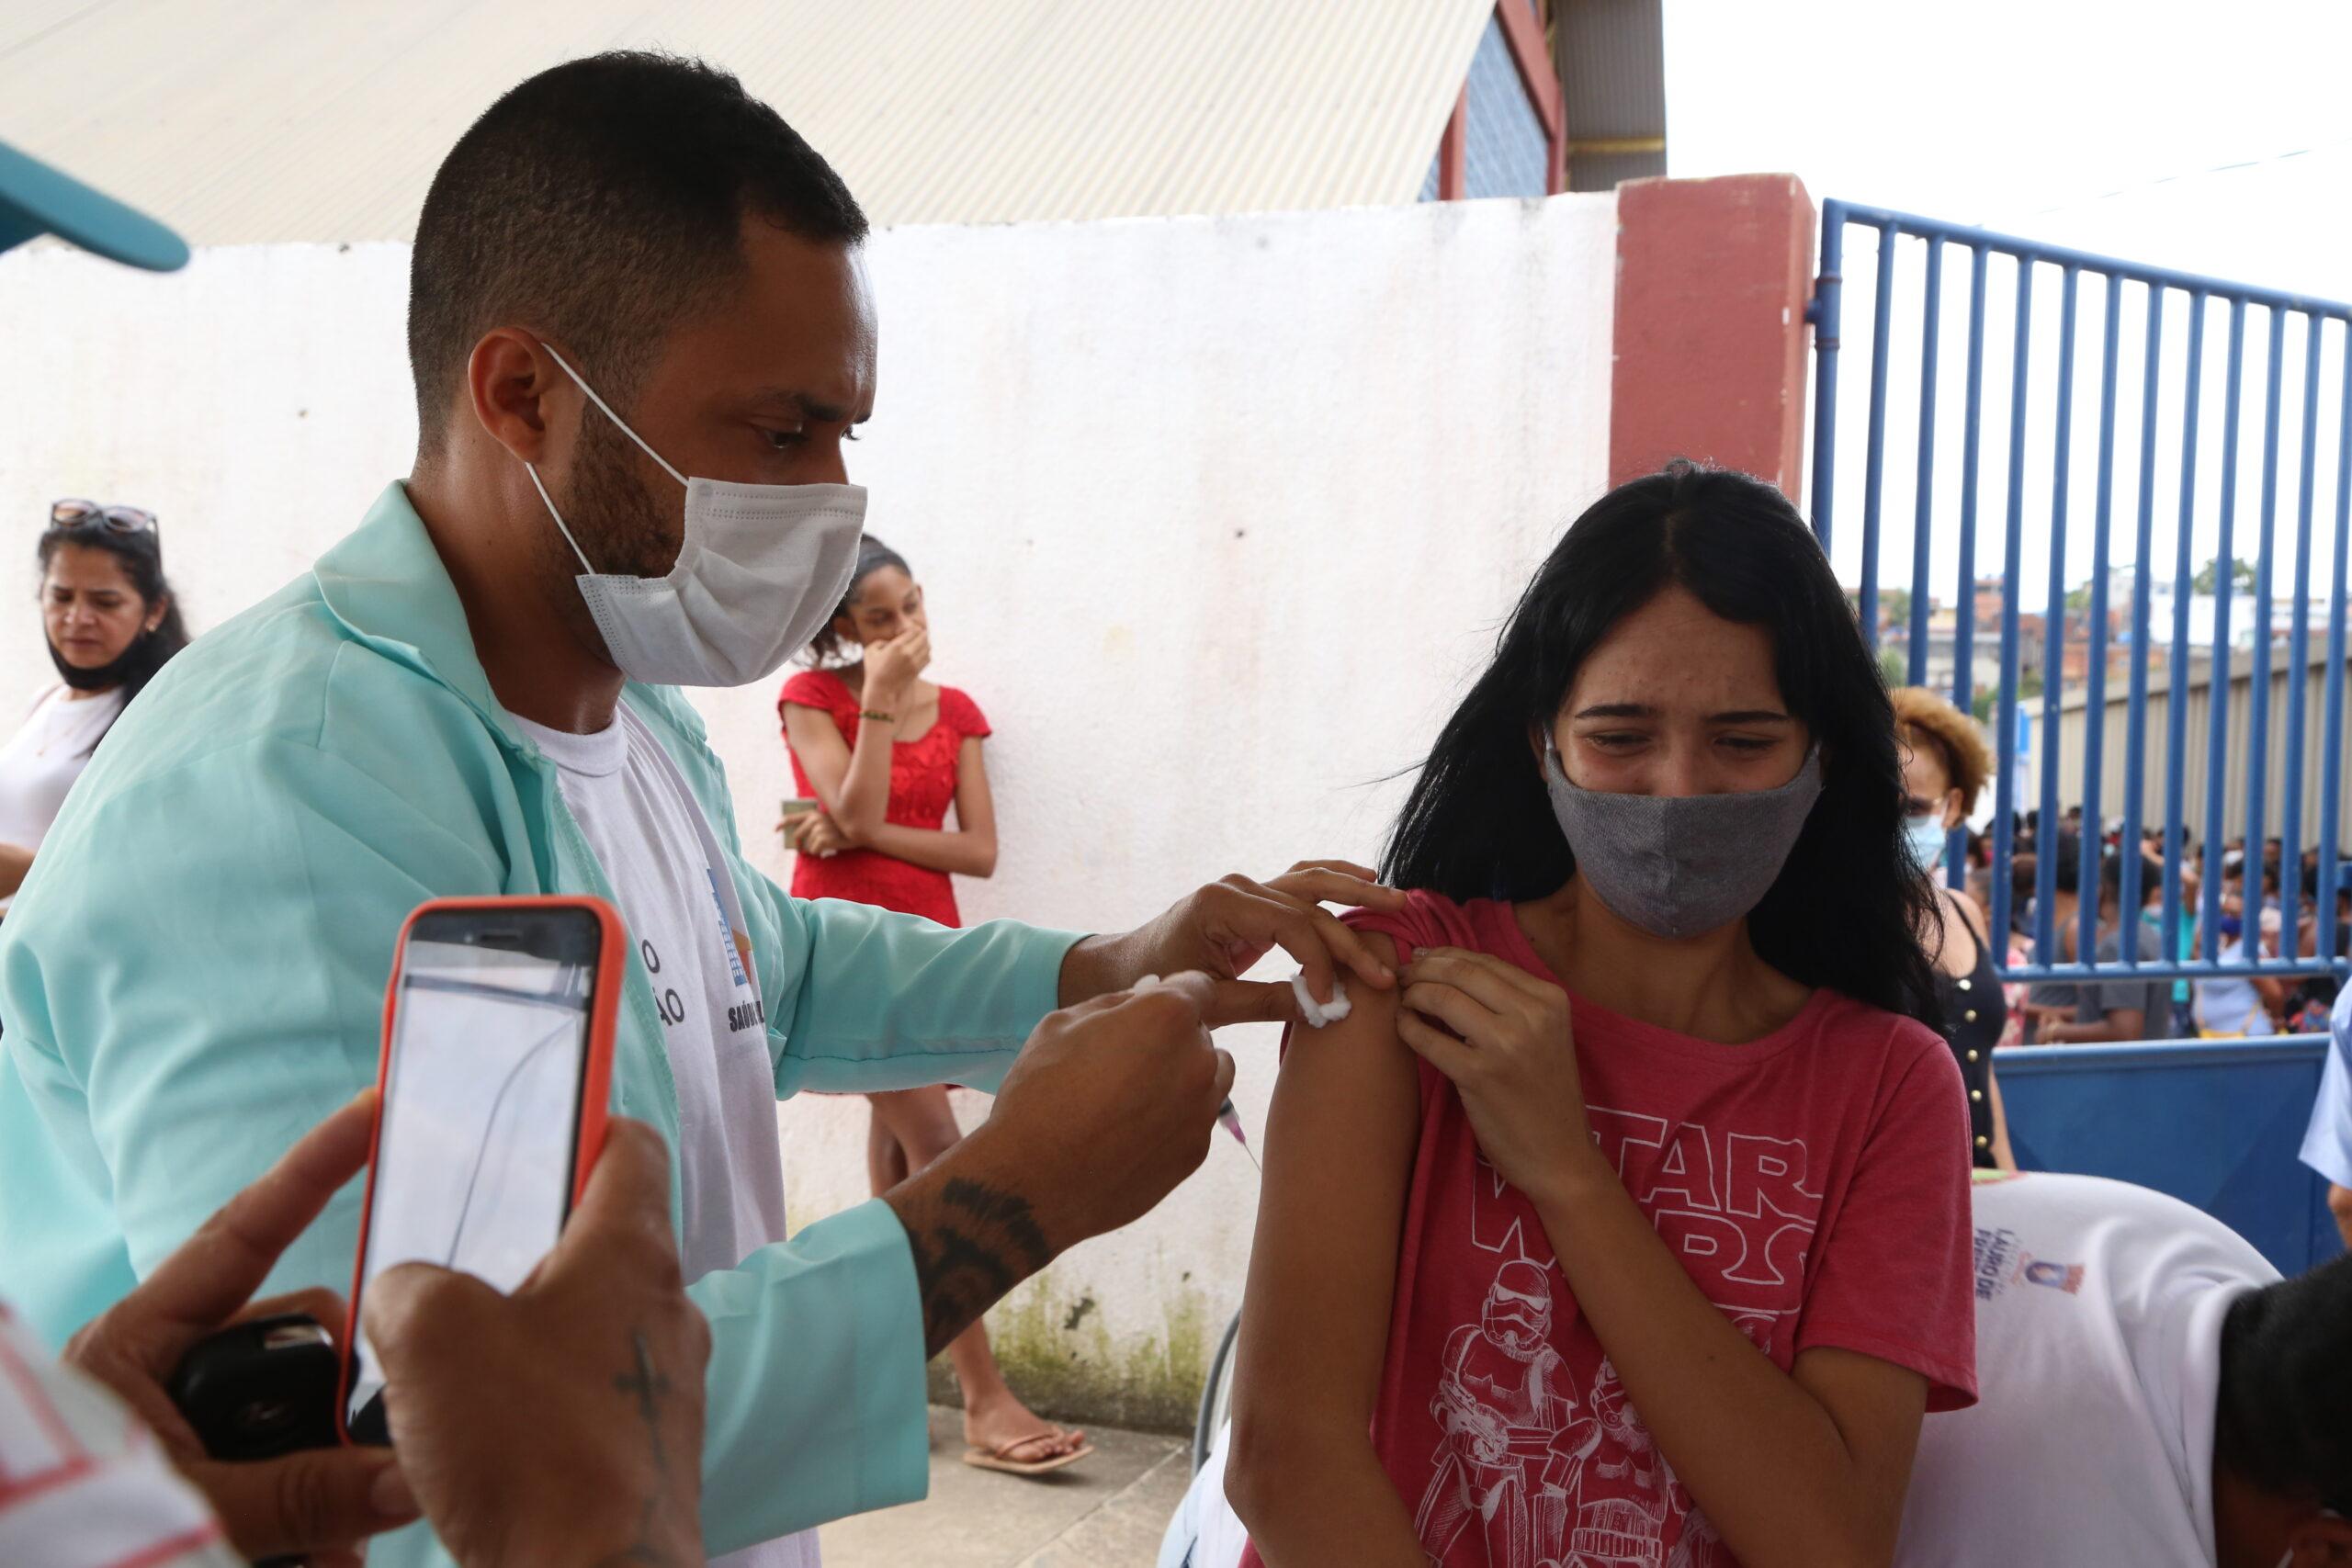 Jovens comemoram vacinação contra a Covid-19. Nesta sexta (1º) tem 2ª dose da Coronavac